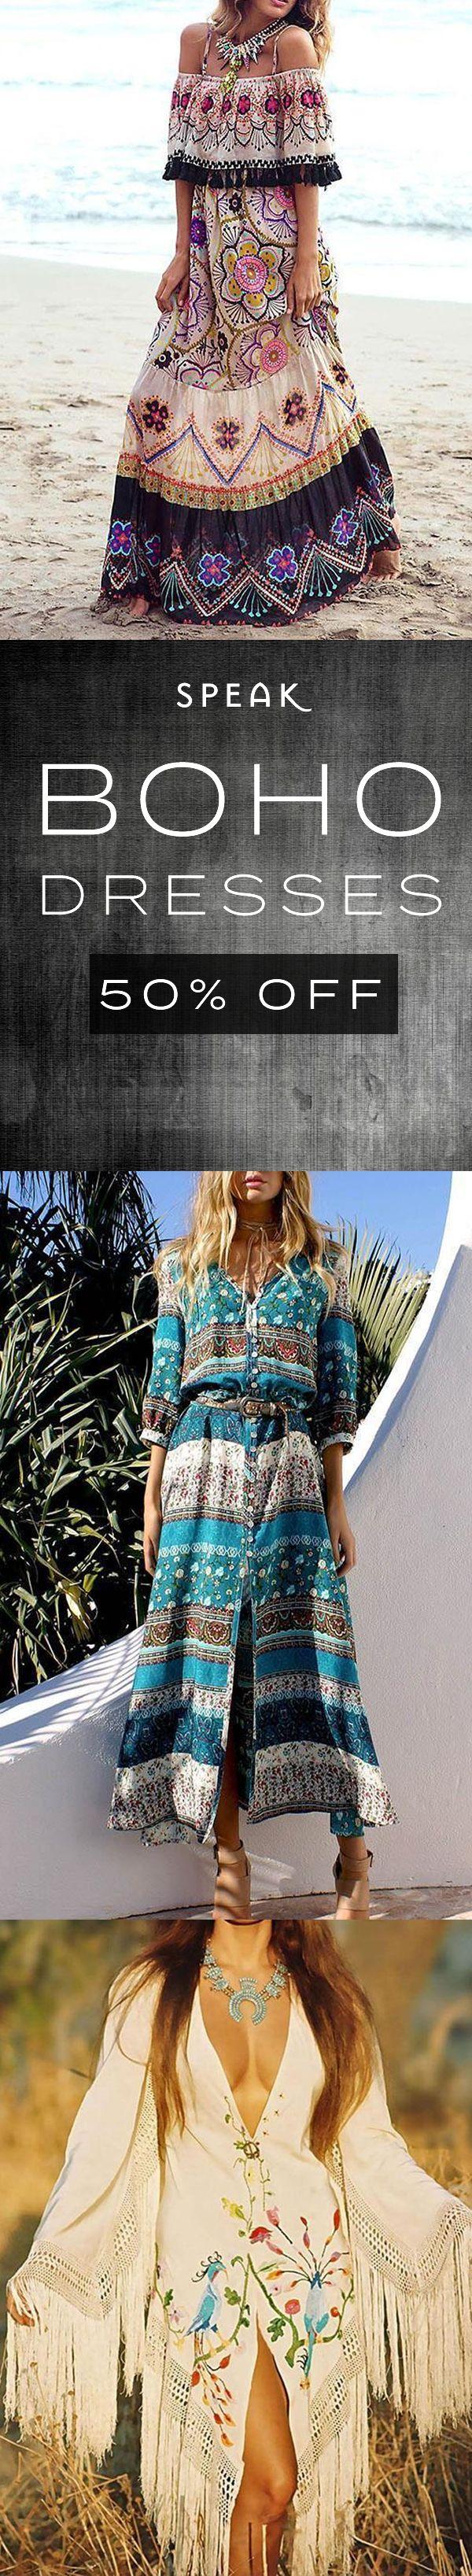 Boho Dress Flash Sale – 50% Off All Boho Dresses!